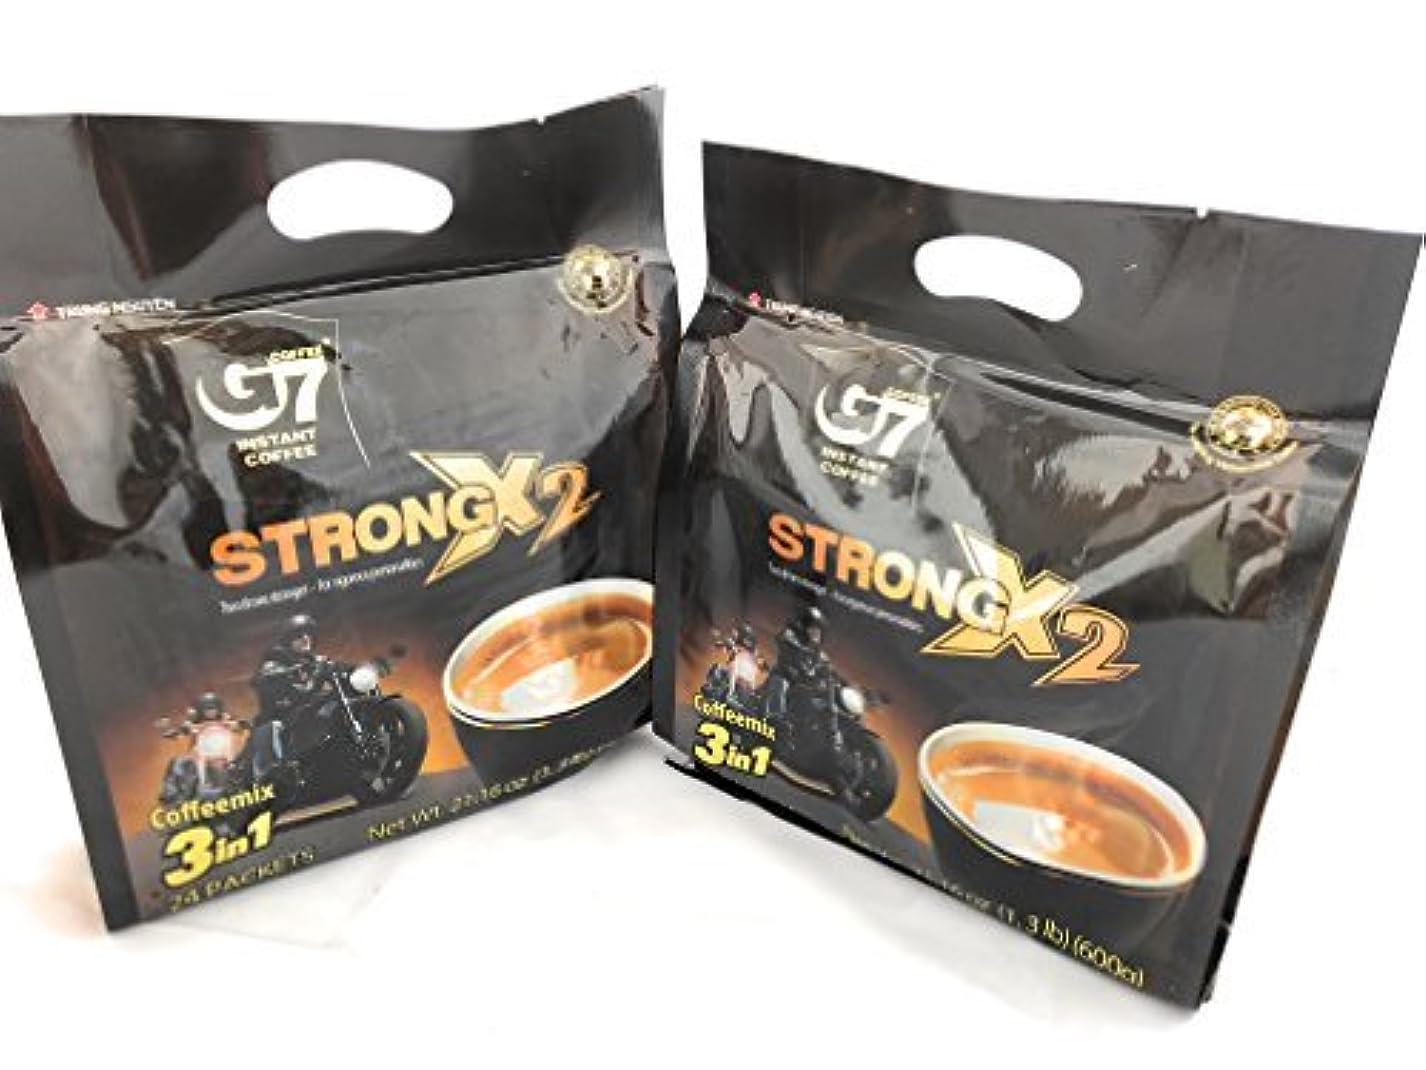 蒸し器却下する不適切なG7 STRONG 2X Vietnamese 3 in 1 Coffee 21.16oz(600g) 24 Sticks (Pack of 2) [並行輸入品]